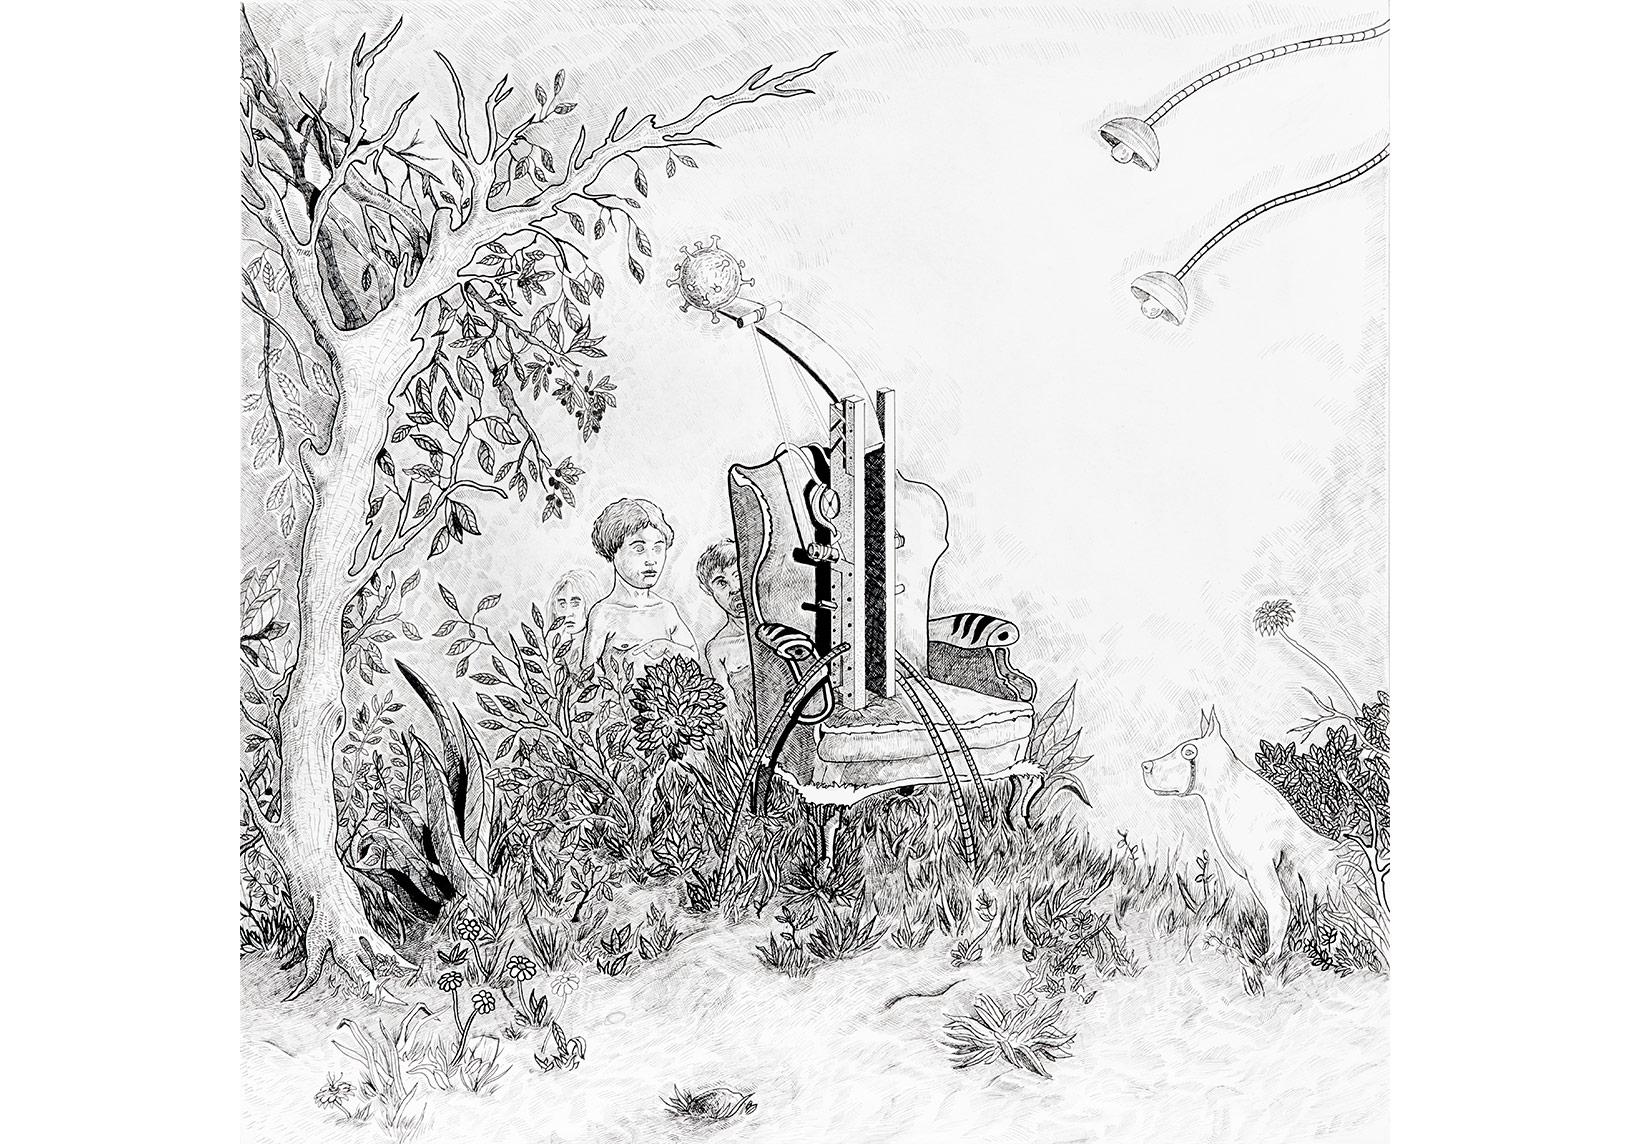 Sonsuz gençlik bahçesi - 50 x 50 - Kağıt üstüne mürekkepli kalem . 2016